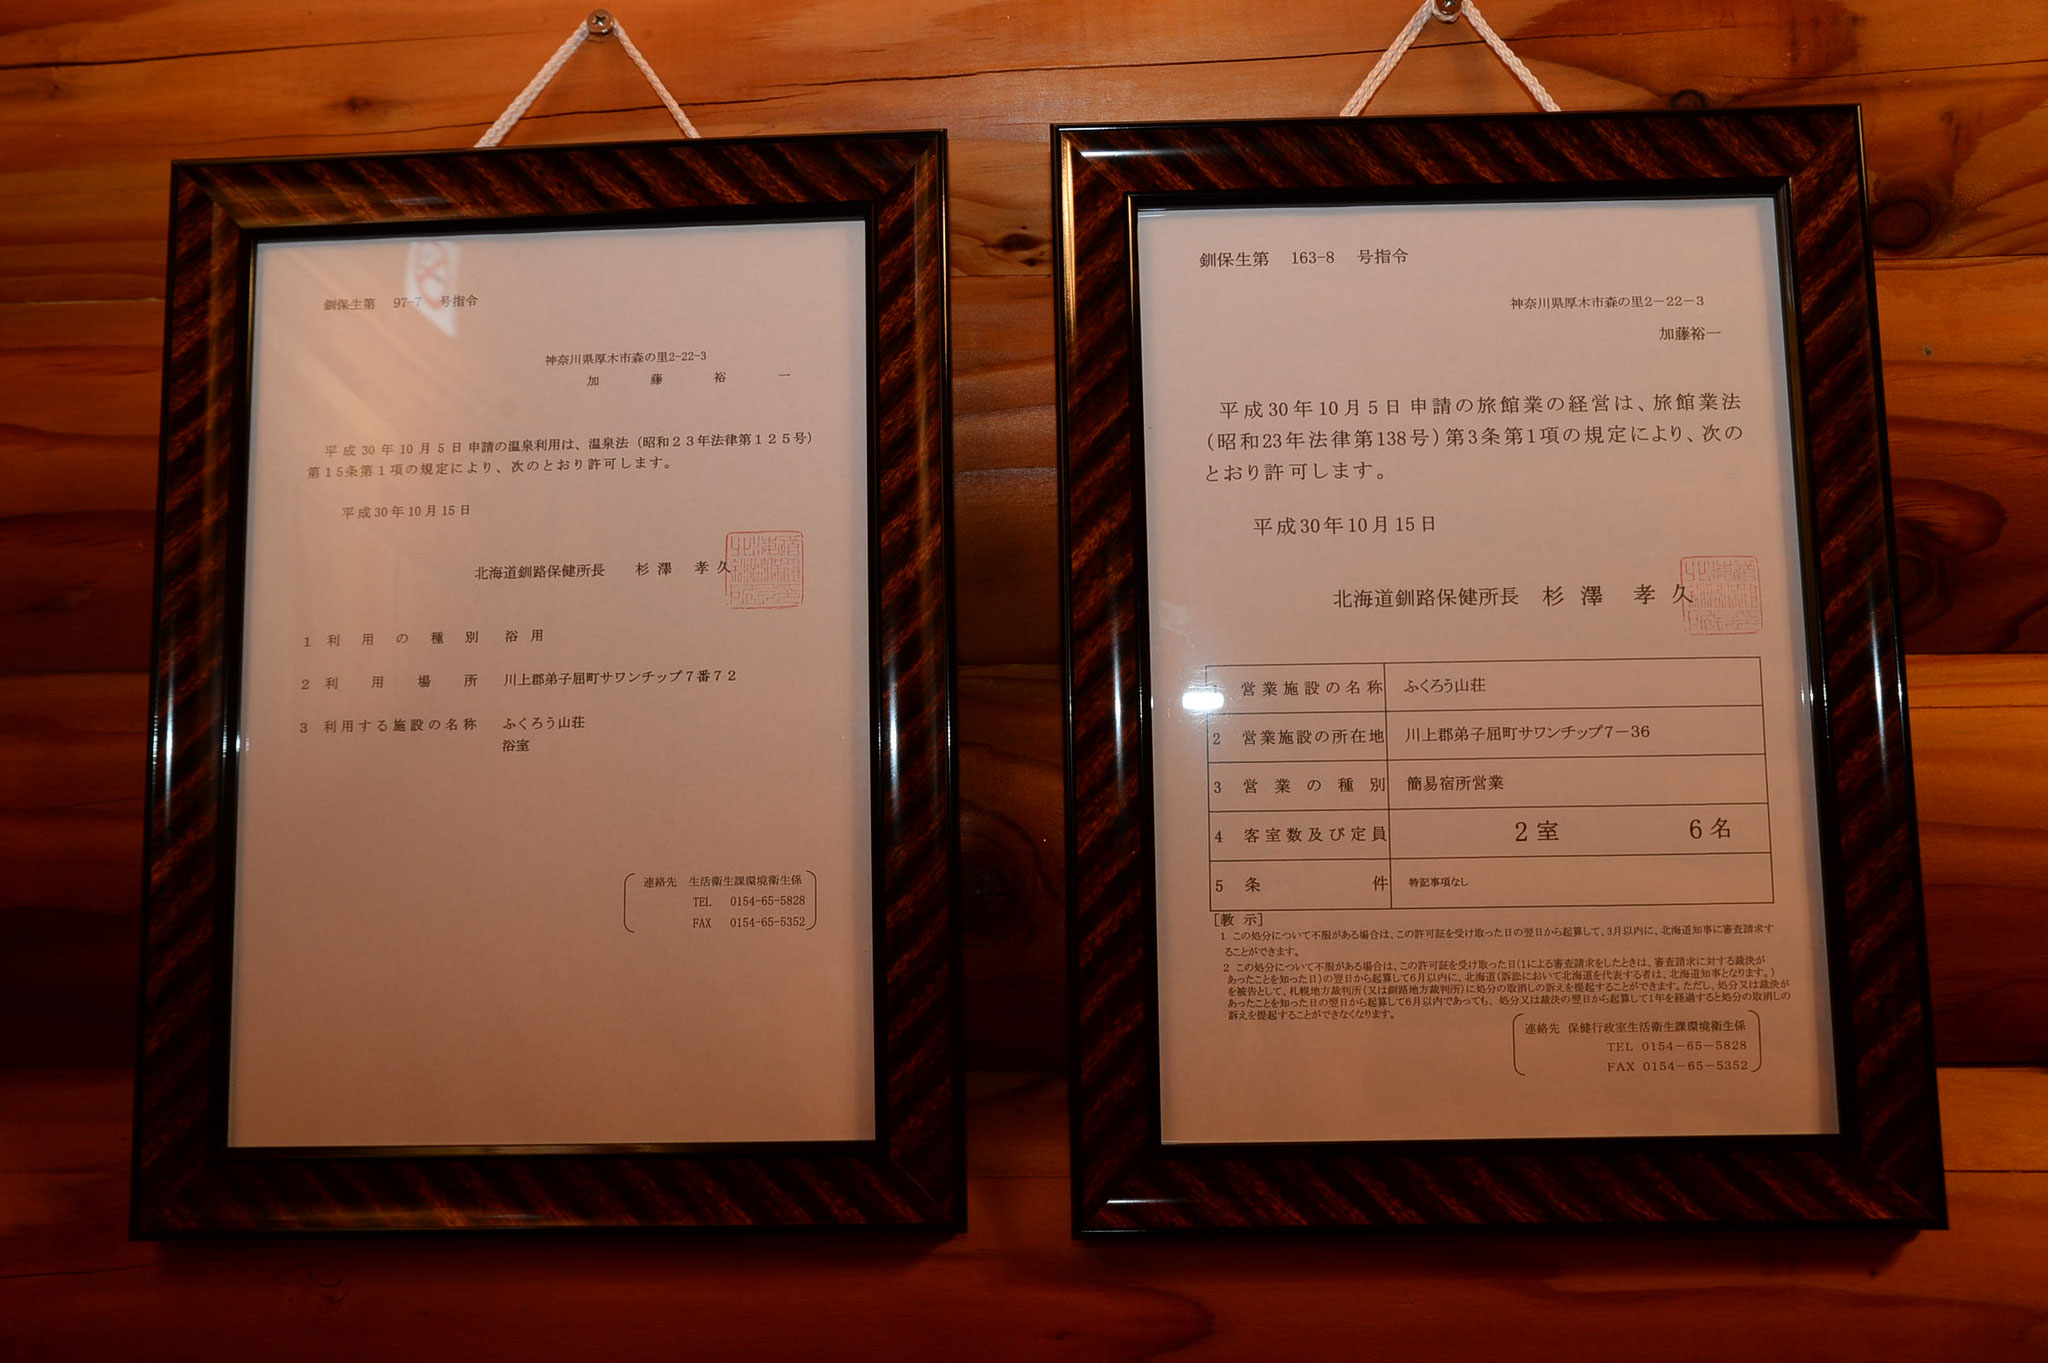 釧路保健所の温泉利用許可証と旅館業法の営業許可証です。玄関内に掲示してます。